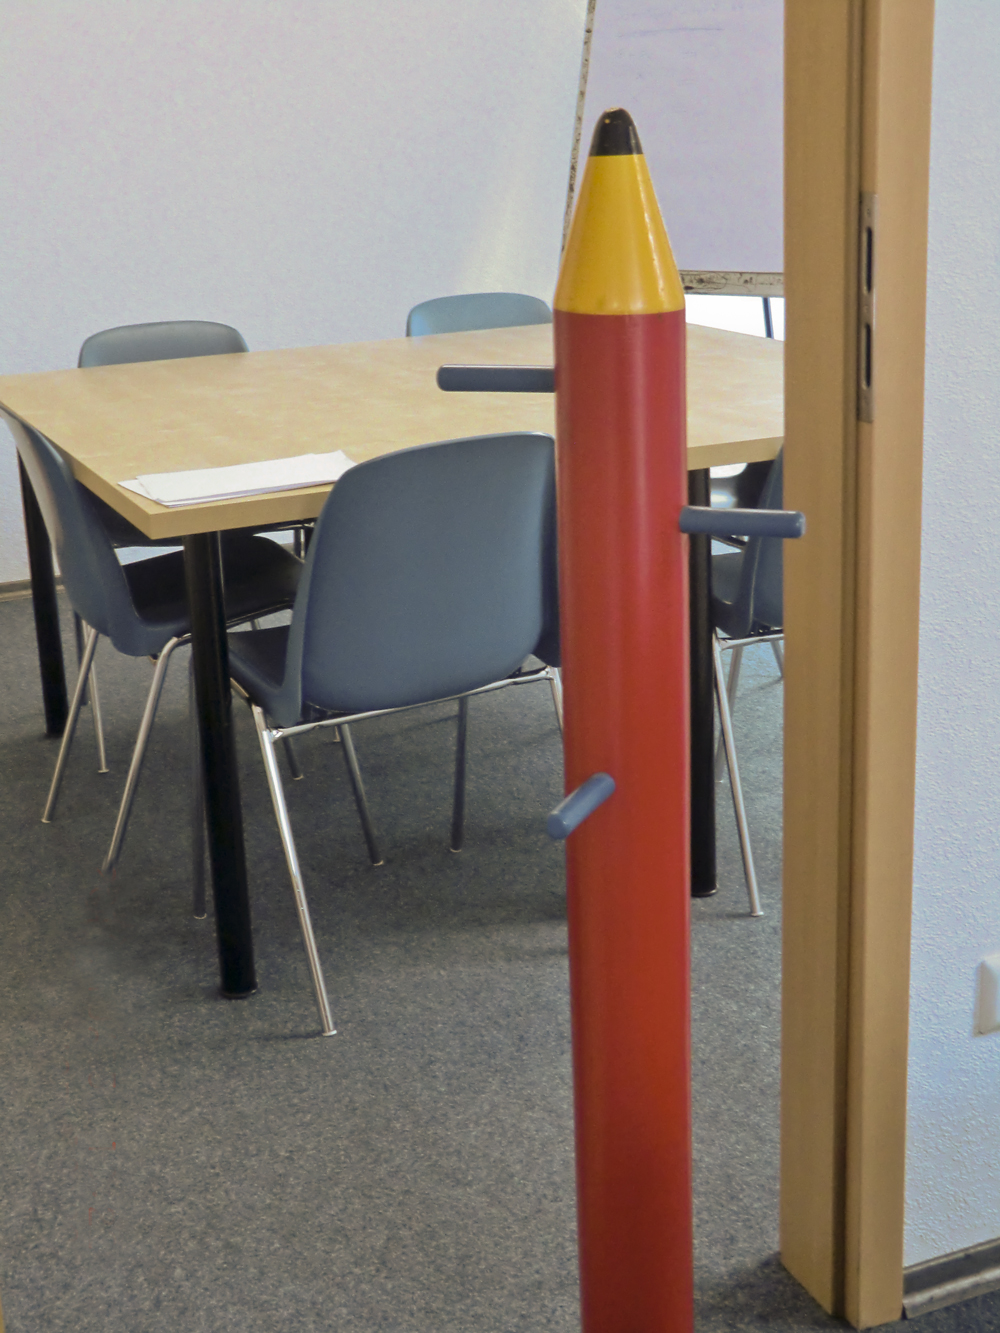 Blick-in-den-Schulungsraum.jpg